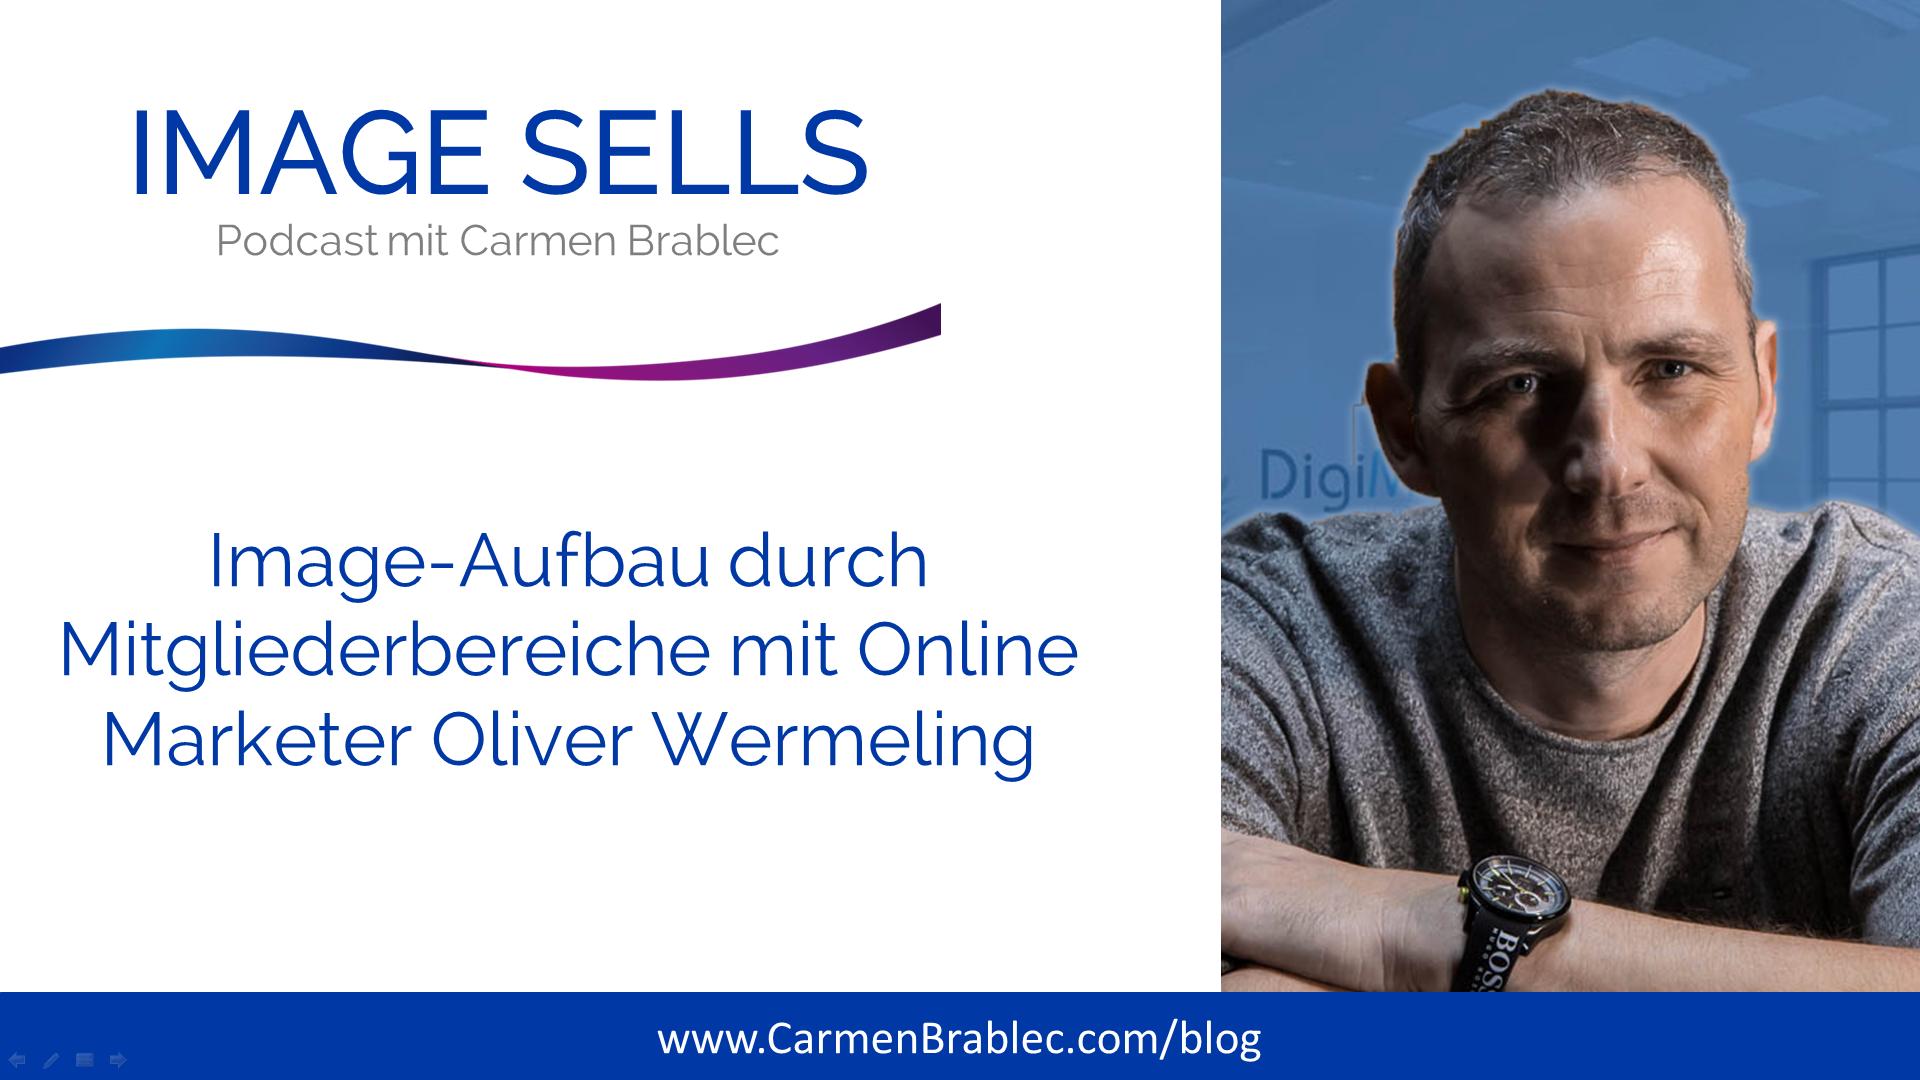 Image-Aufbau durch Mitgliederbereiche mit Online-Marketer Oliver Wermeling – ISP #032